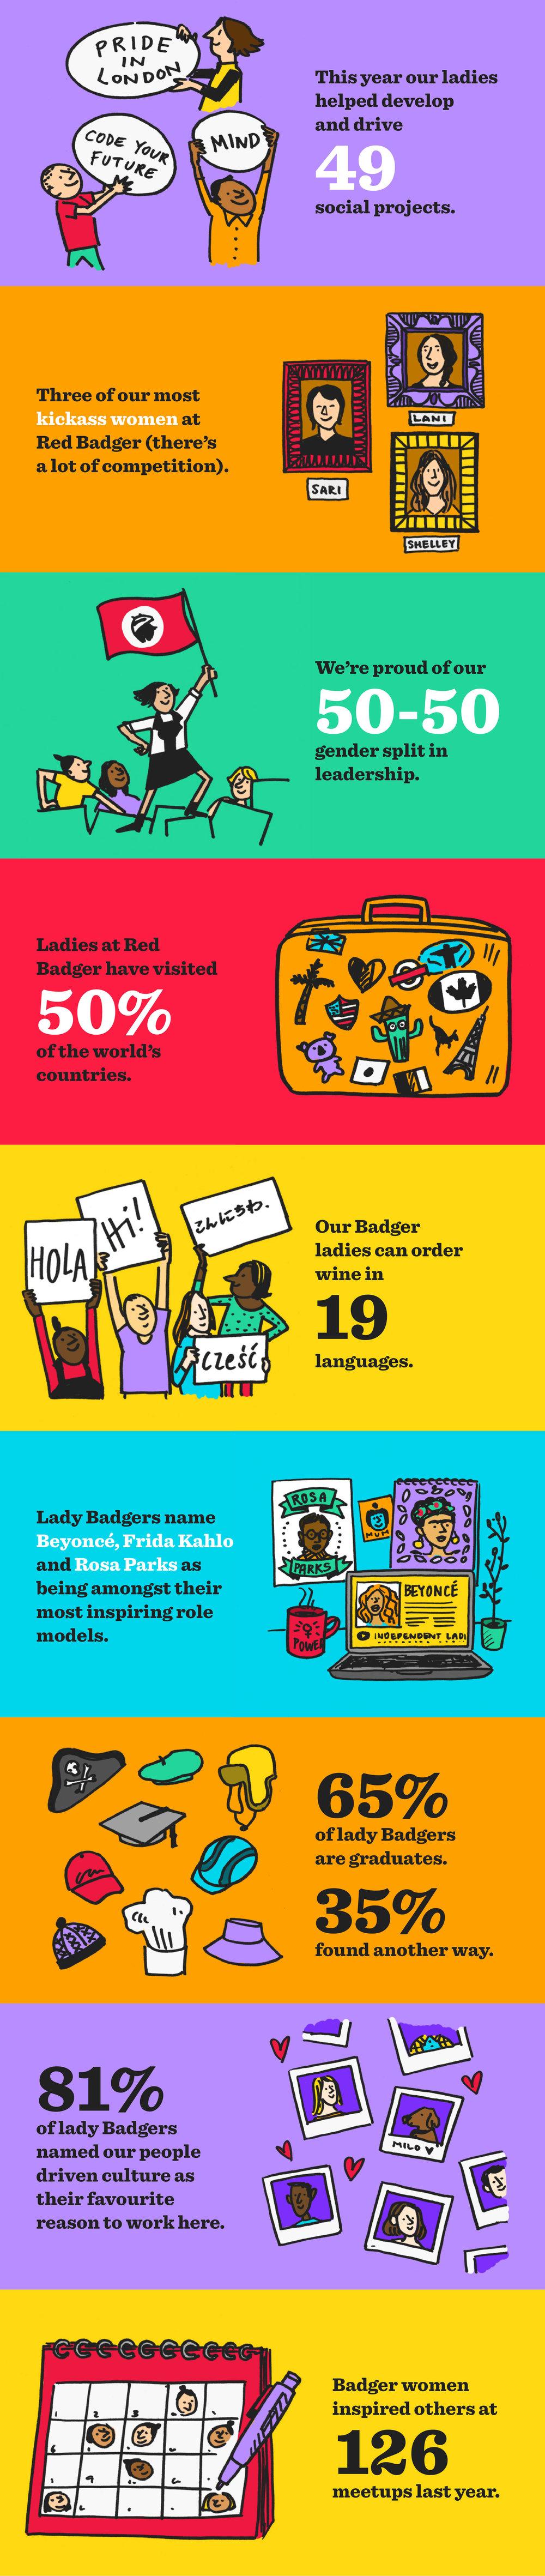 blog_infographic_v7.jpg